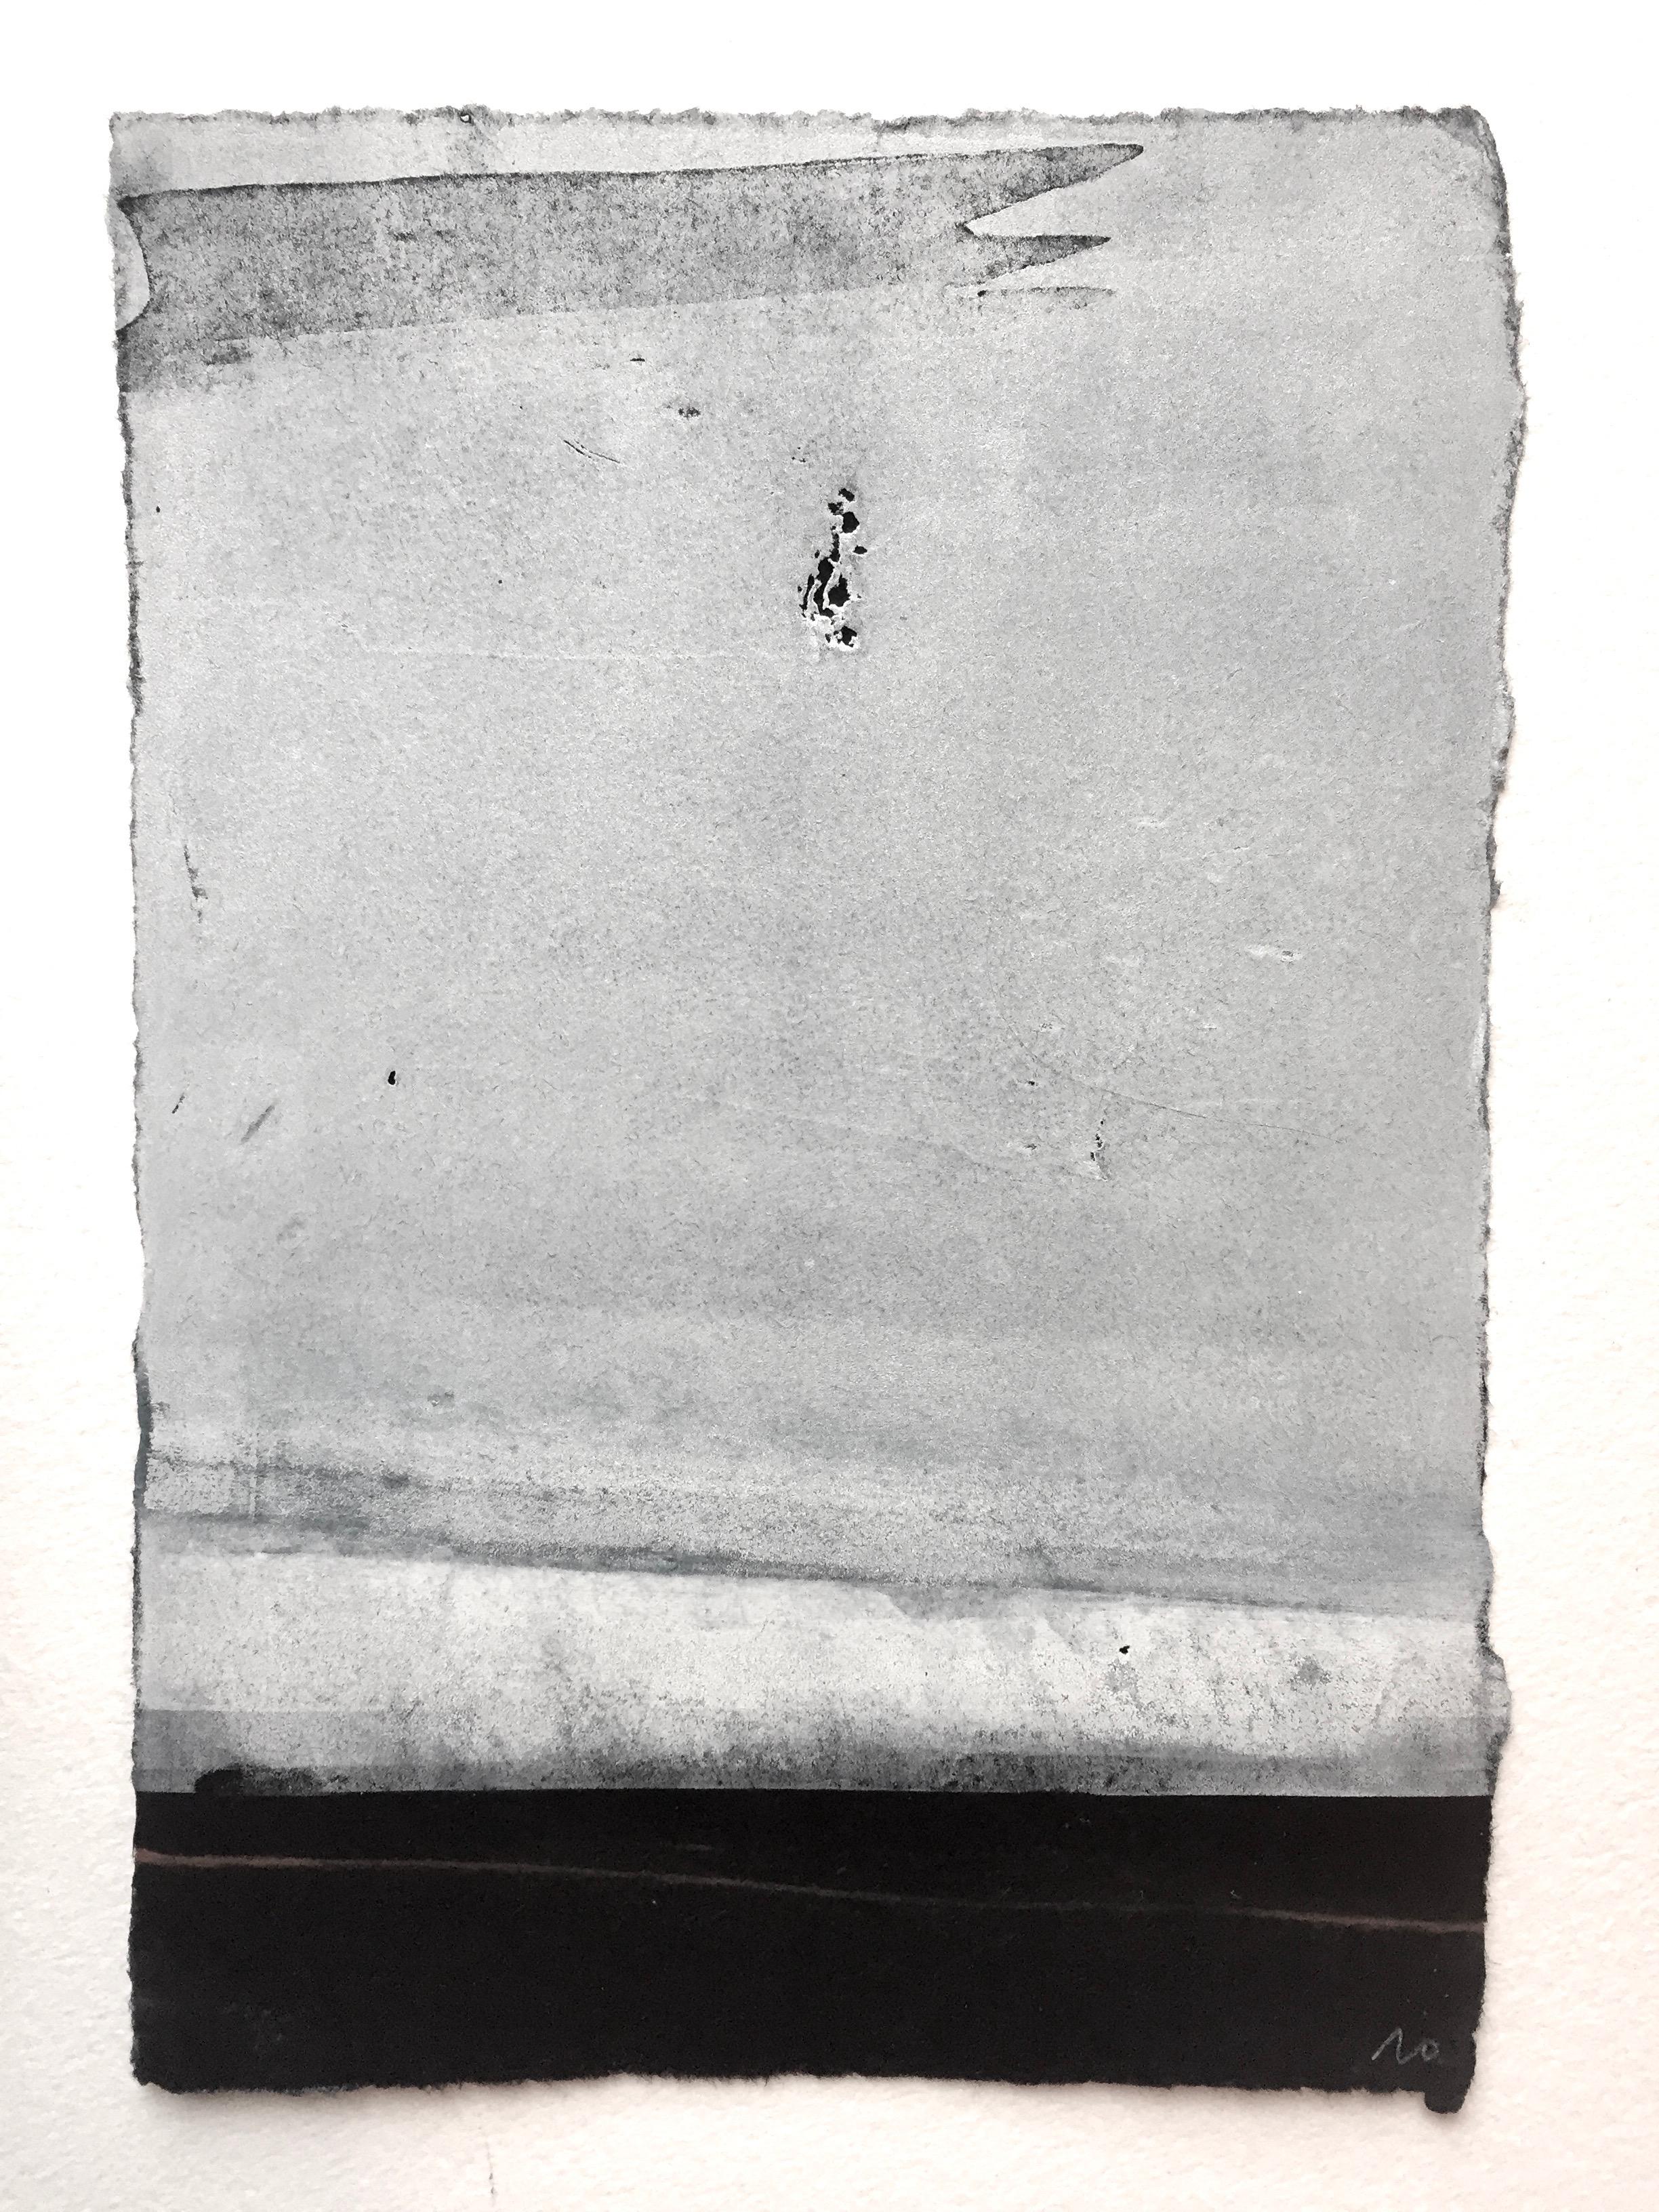 White flag, 26 x 20 cm, vendu